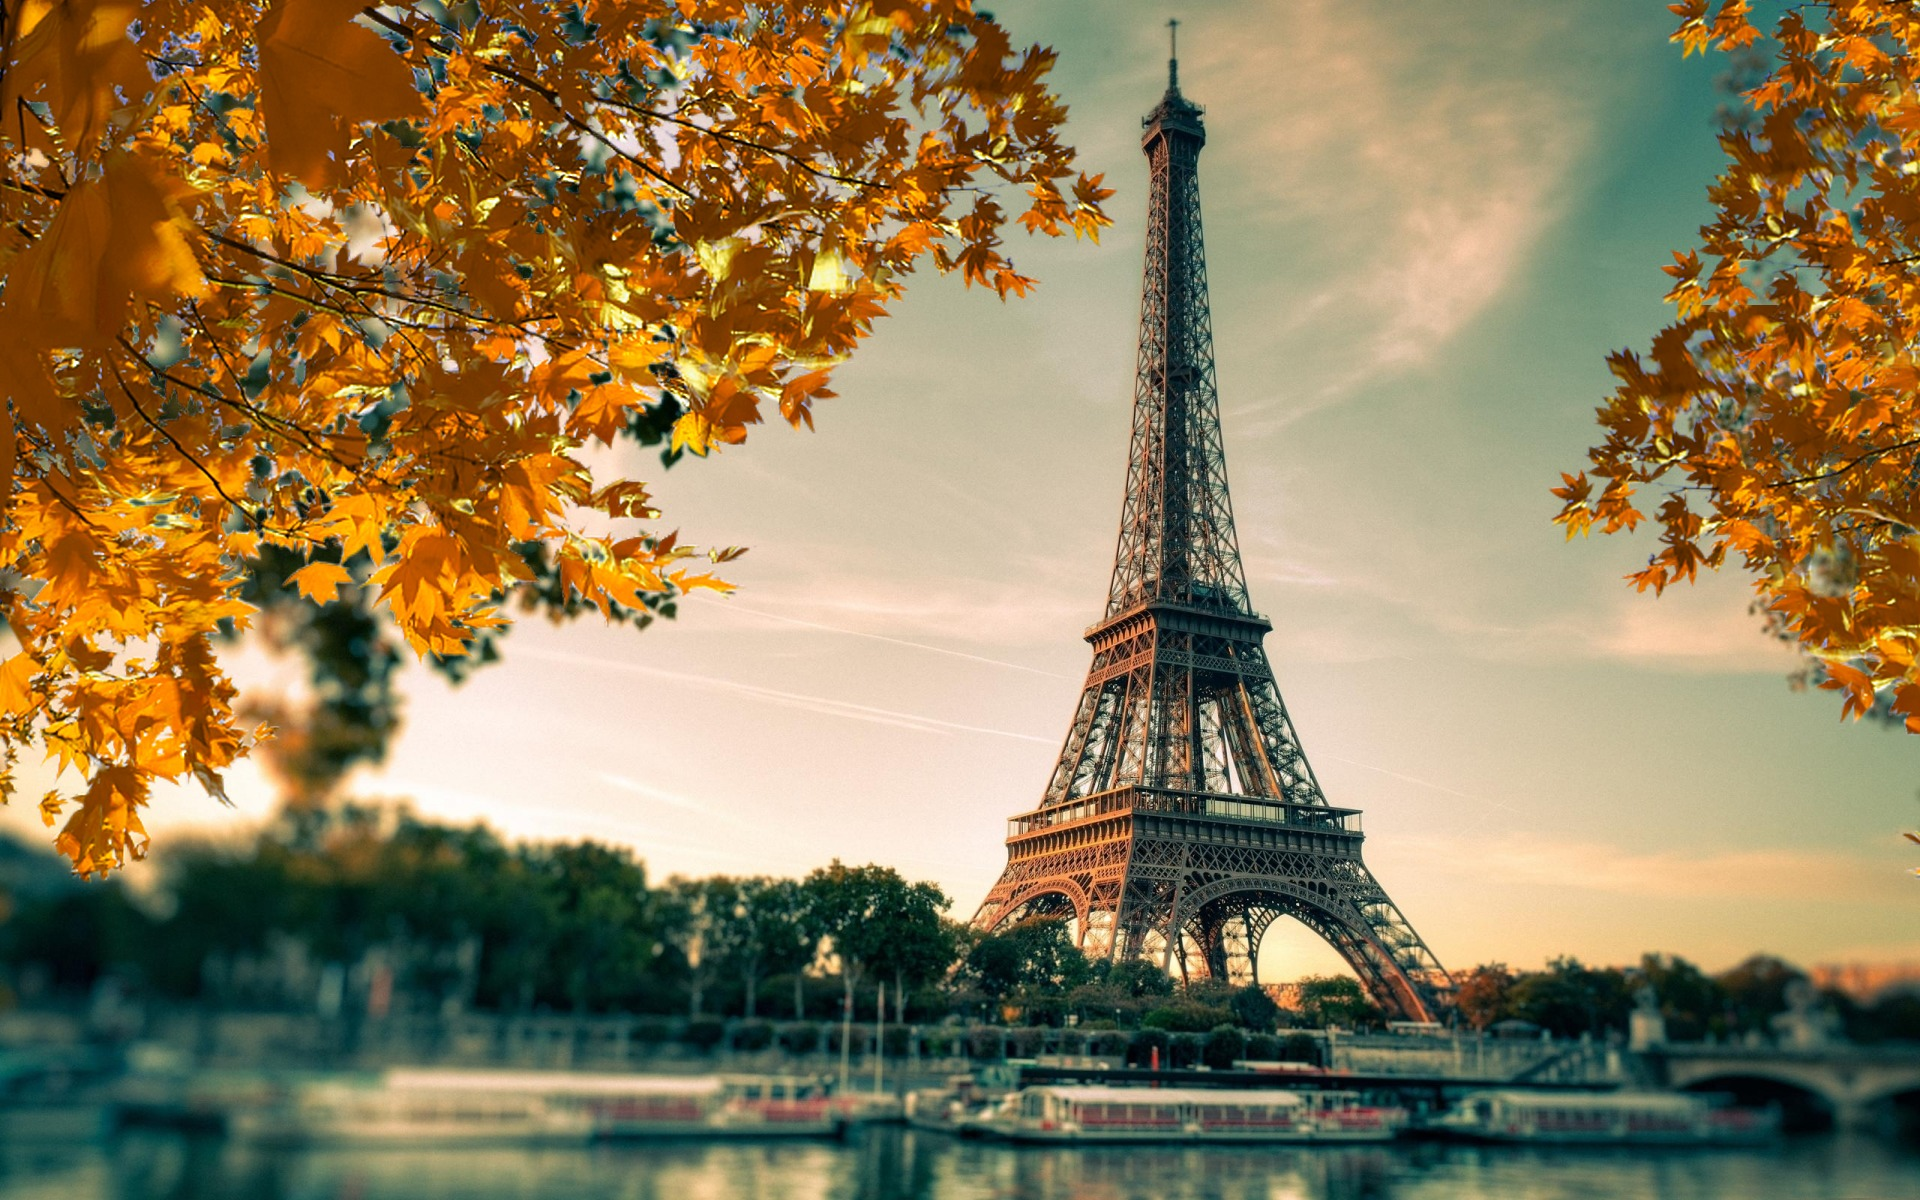 feuilles-d-automne-ville-paris-tour-eiffel-fond-ecran